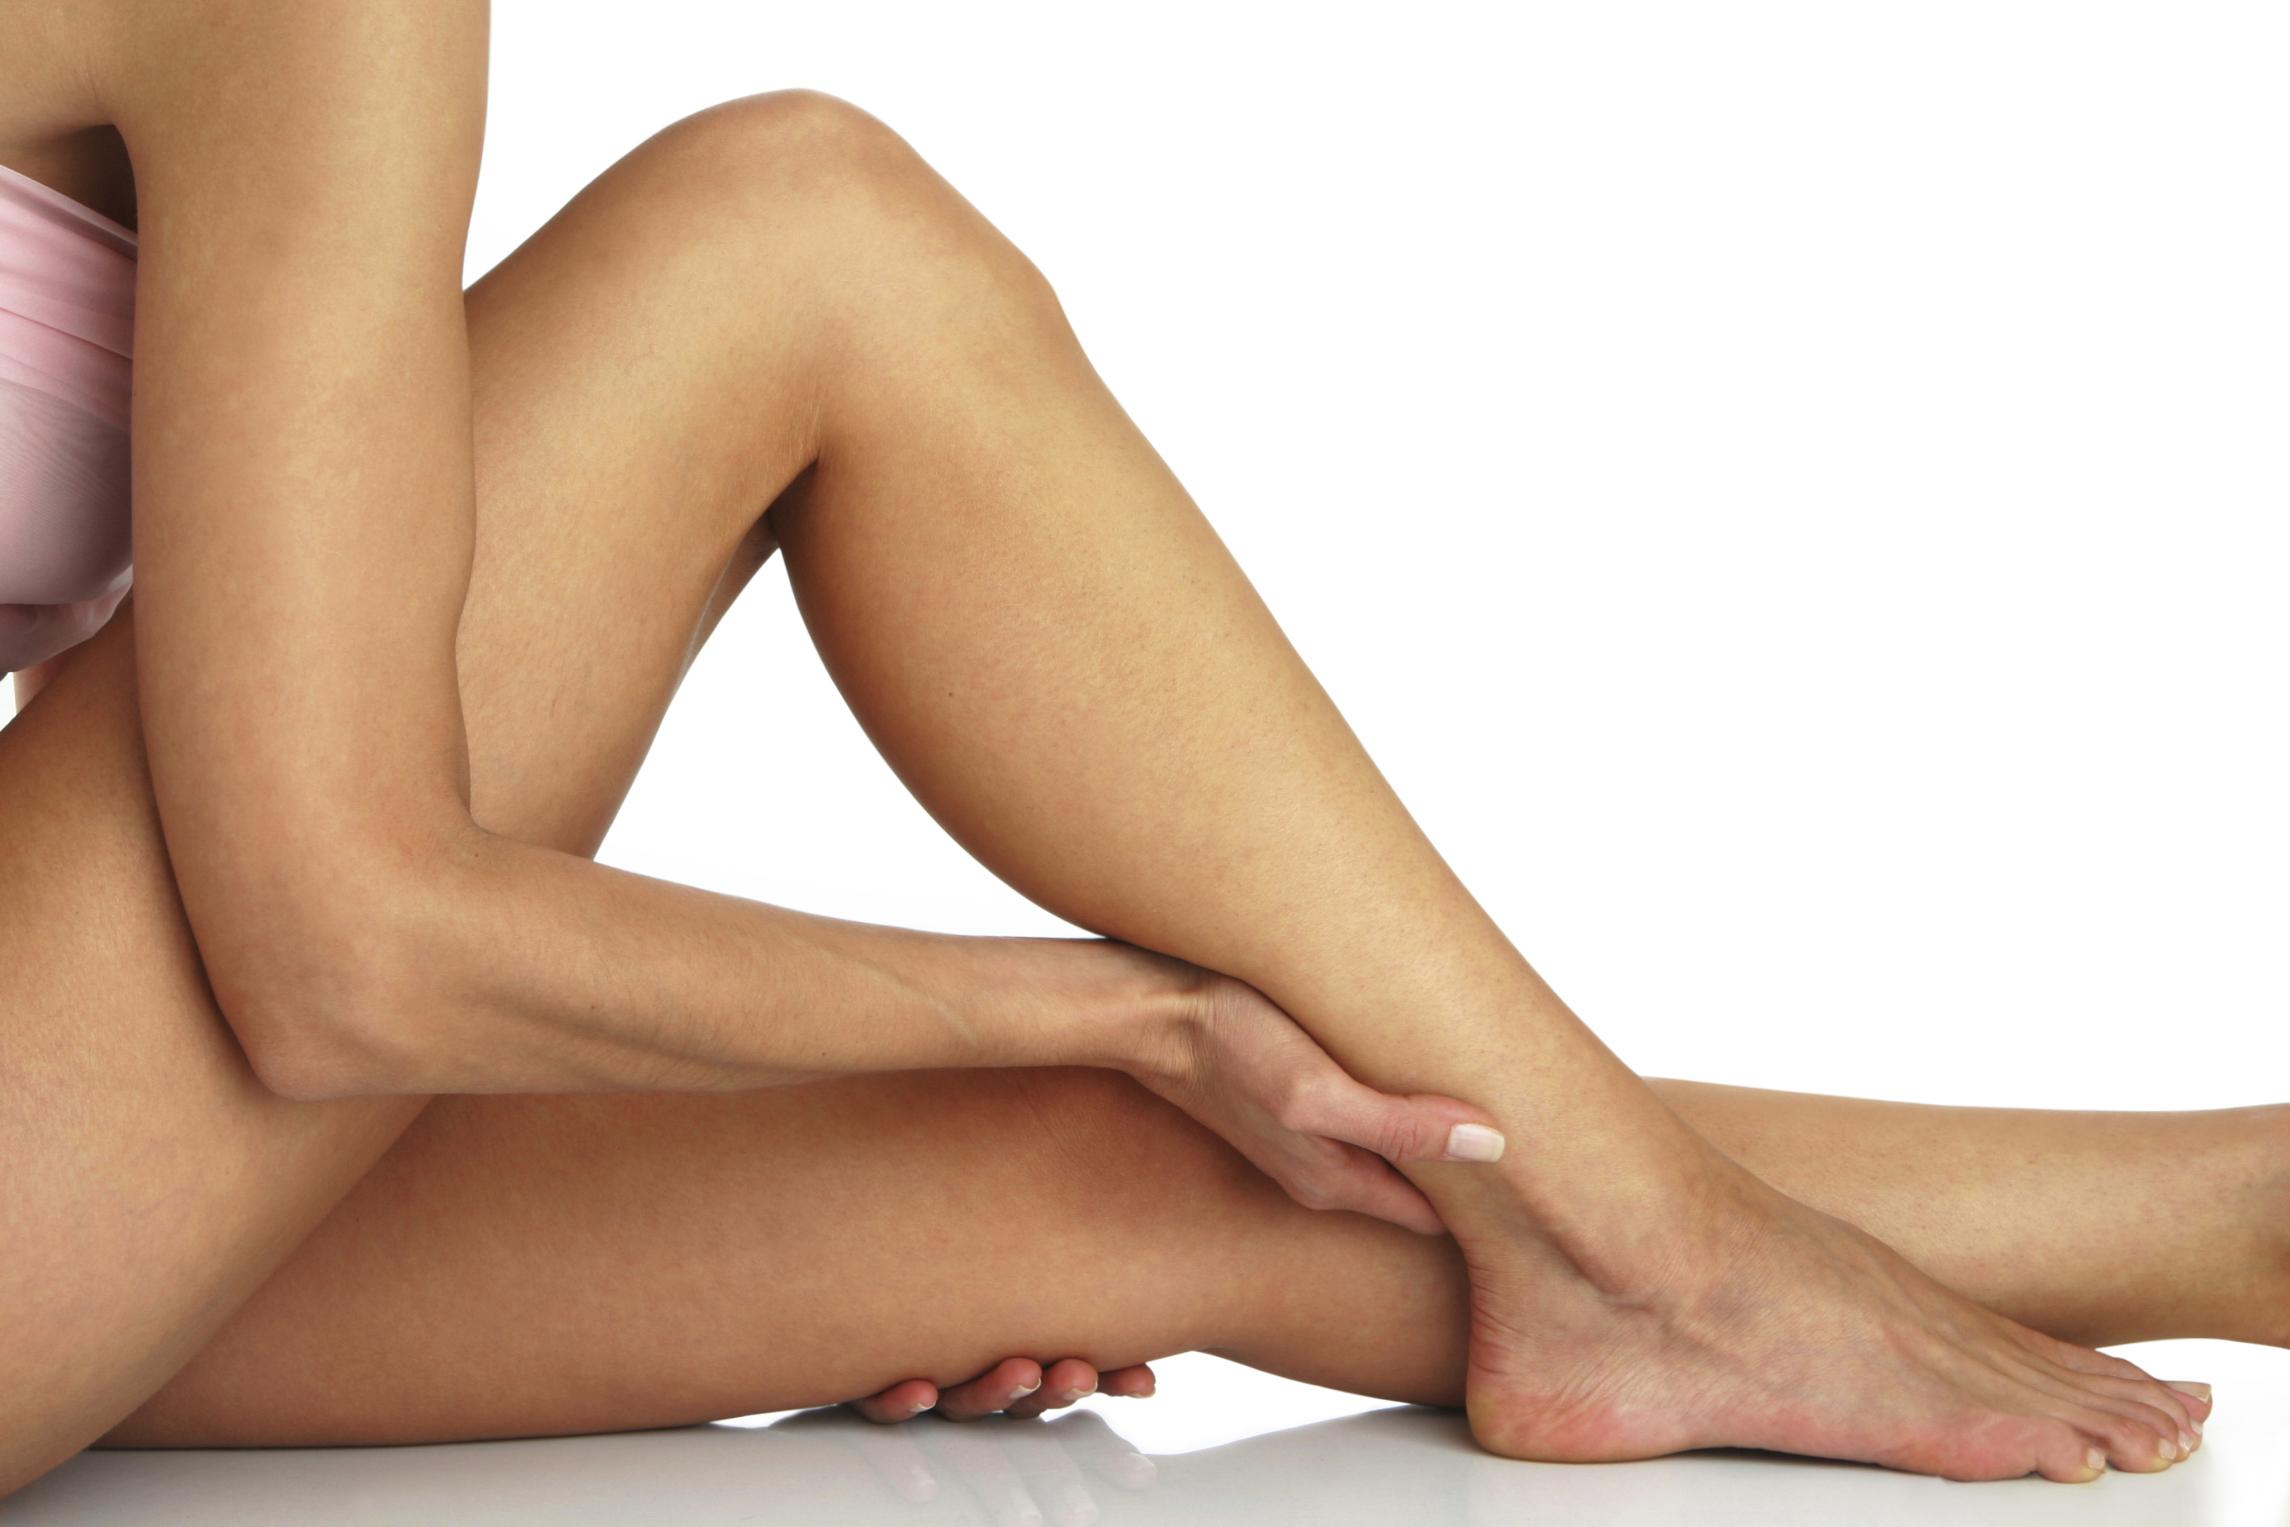 hogyan lehet a lábakon visszérgyulladást kezelni? visszér eltávolítása ár